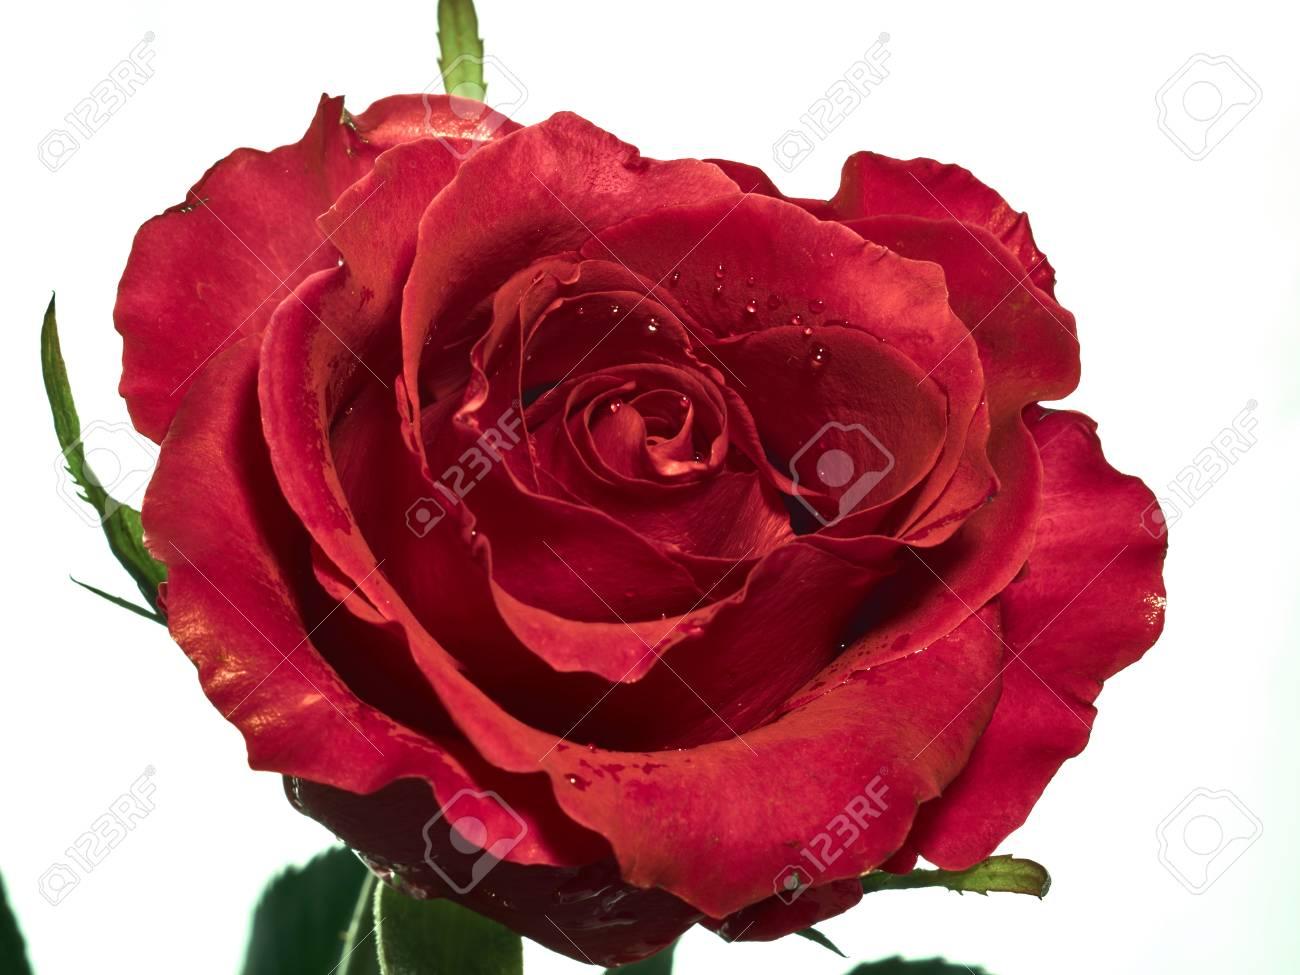 Immagini Stock Butyfull Rosa Rossa Isolato Su Sfondo Bianco Image